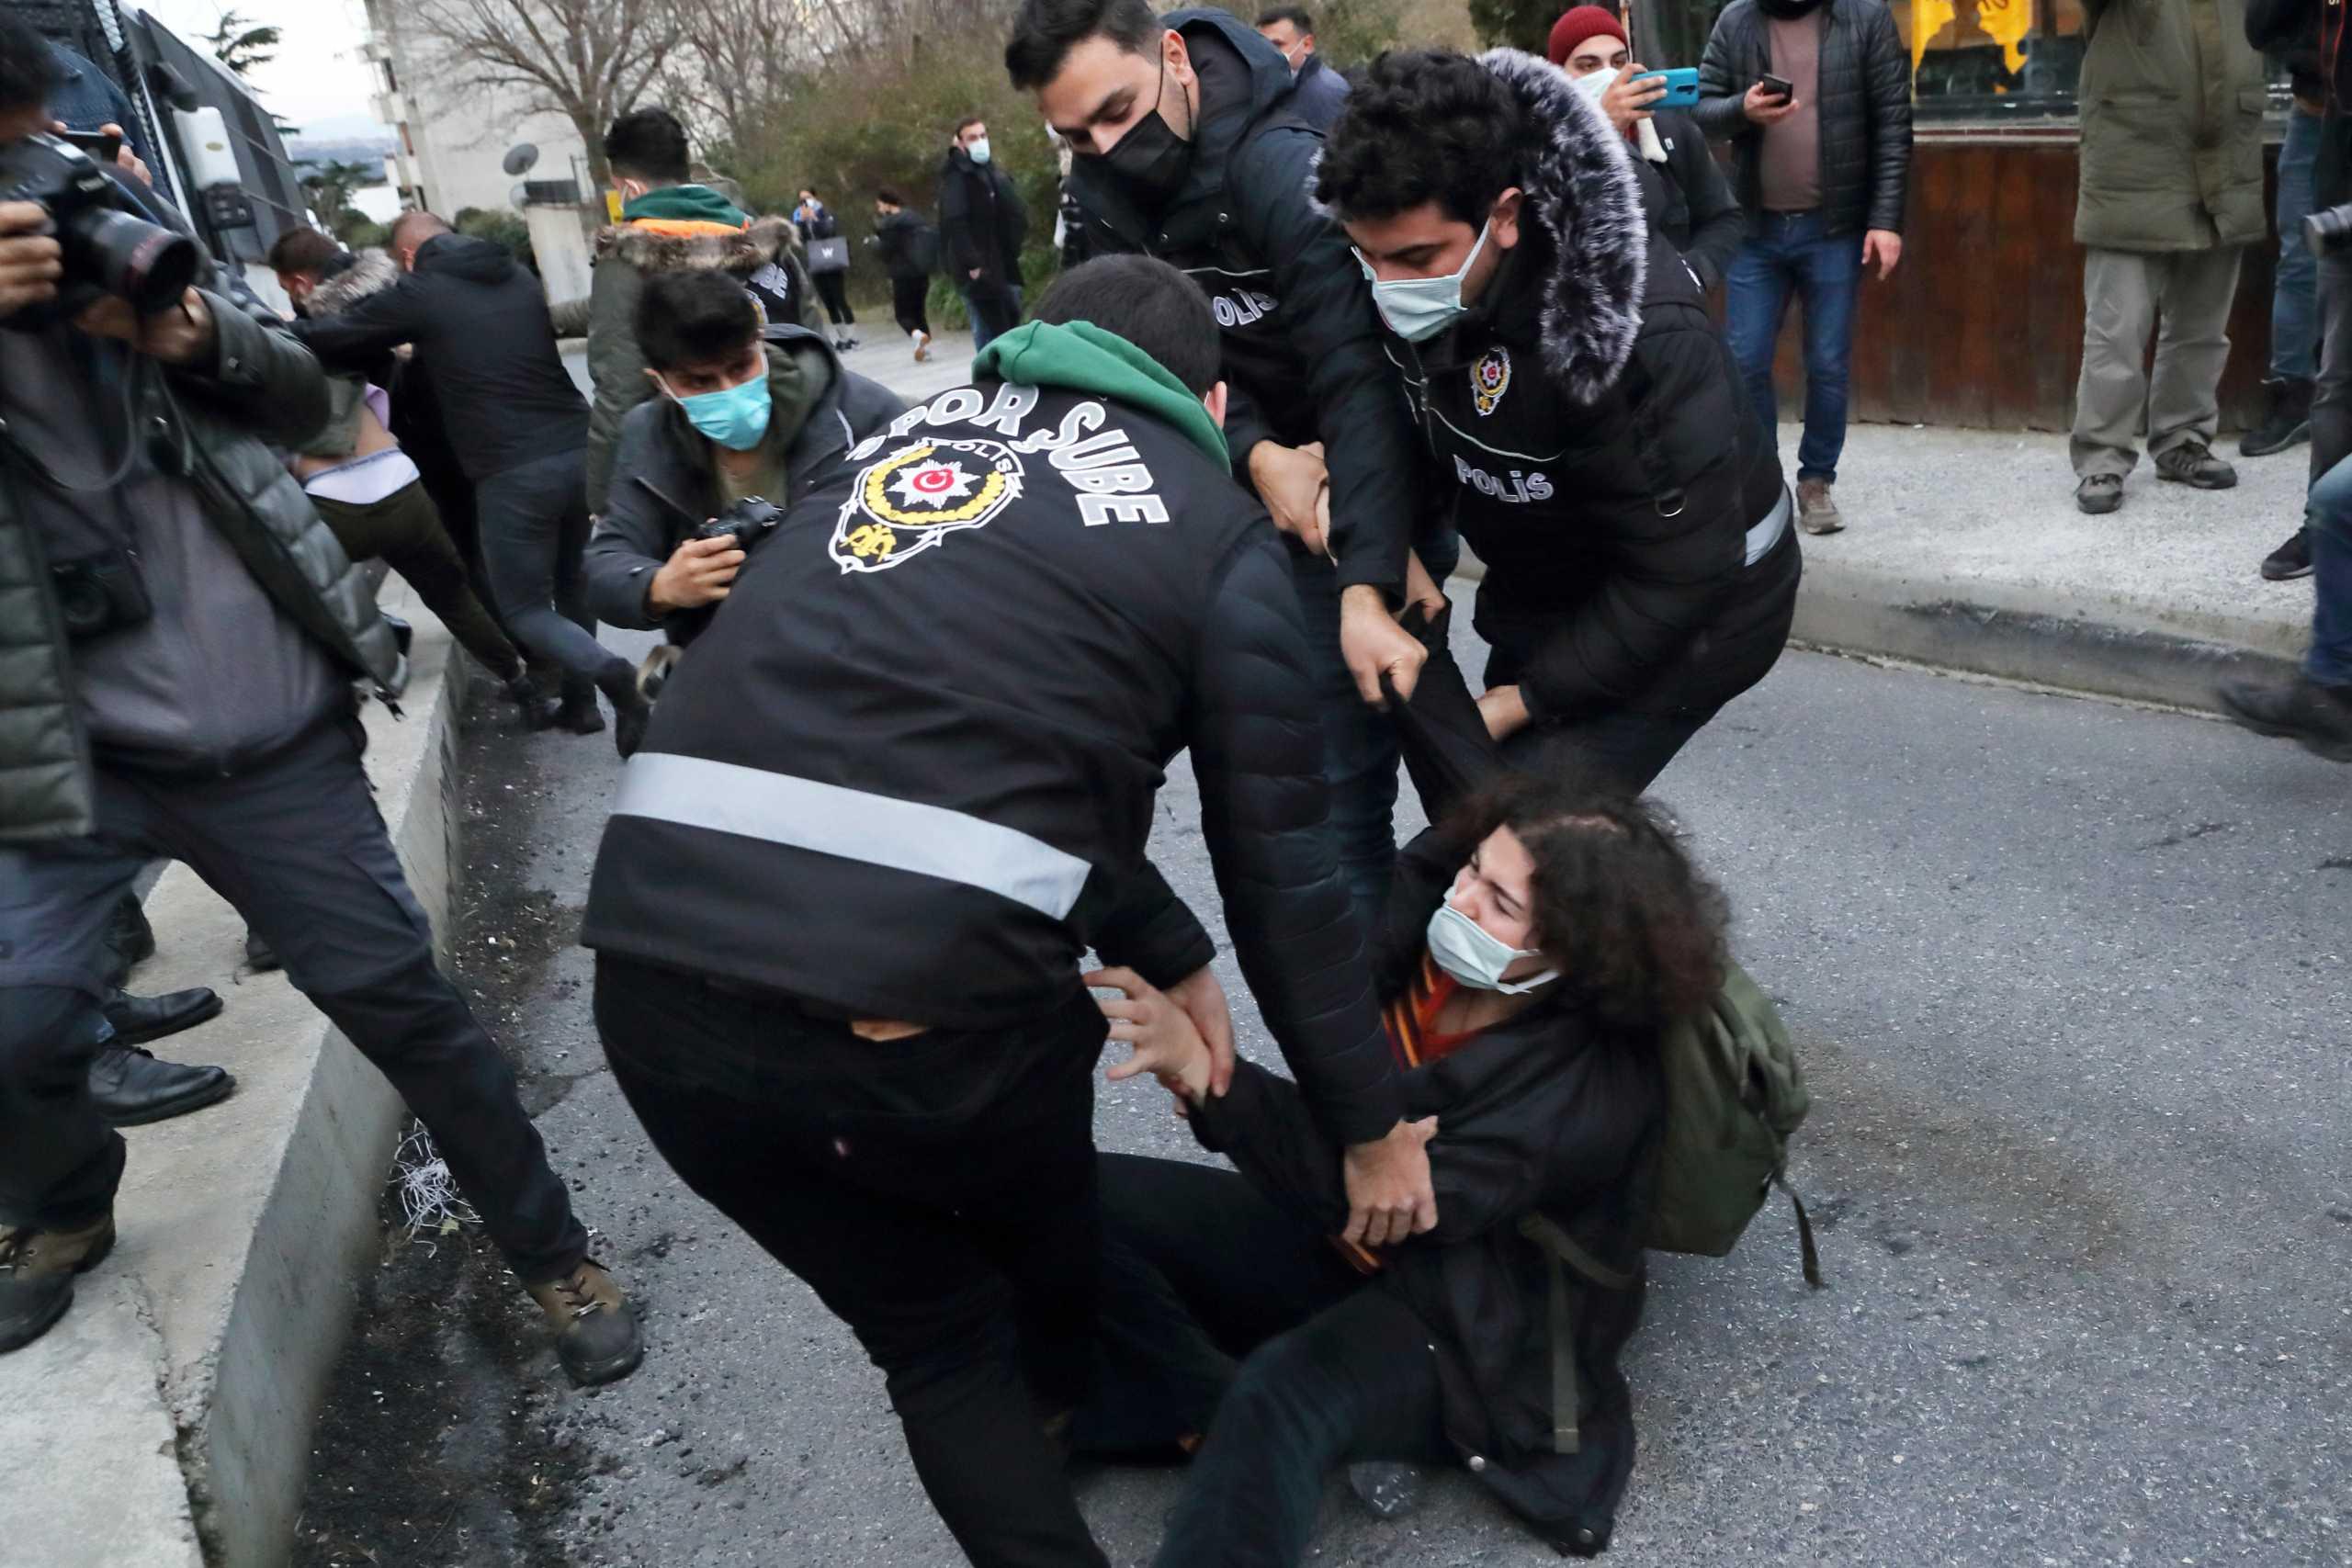 Τουρκία: 159 συλλήψεις φοιτητών στην Κωνσταντινούπολη – Ζητούν την παραίτηση του πρύτανη του πανεπιστημίου του Βόσπορου (pics)